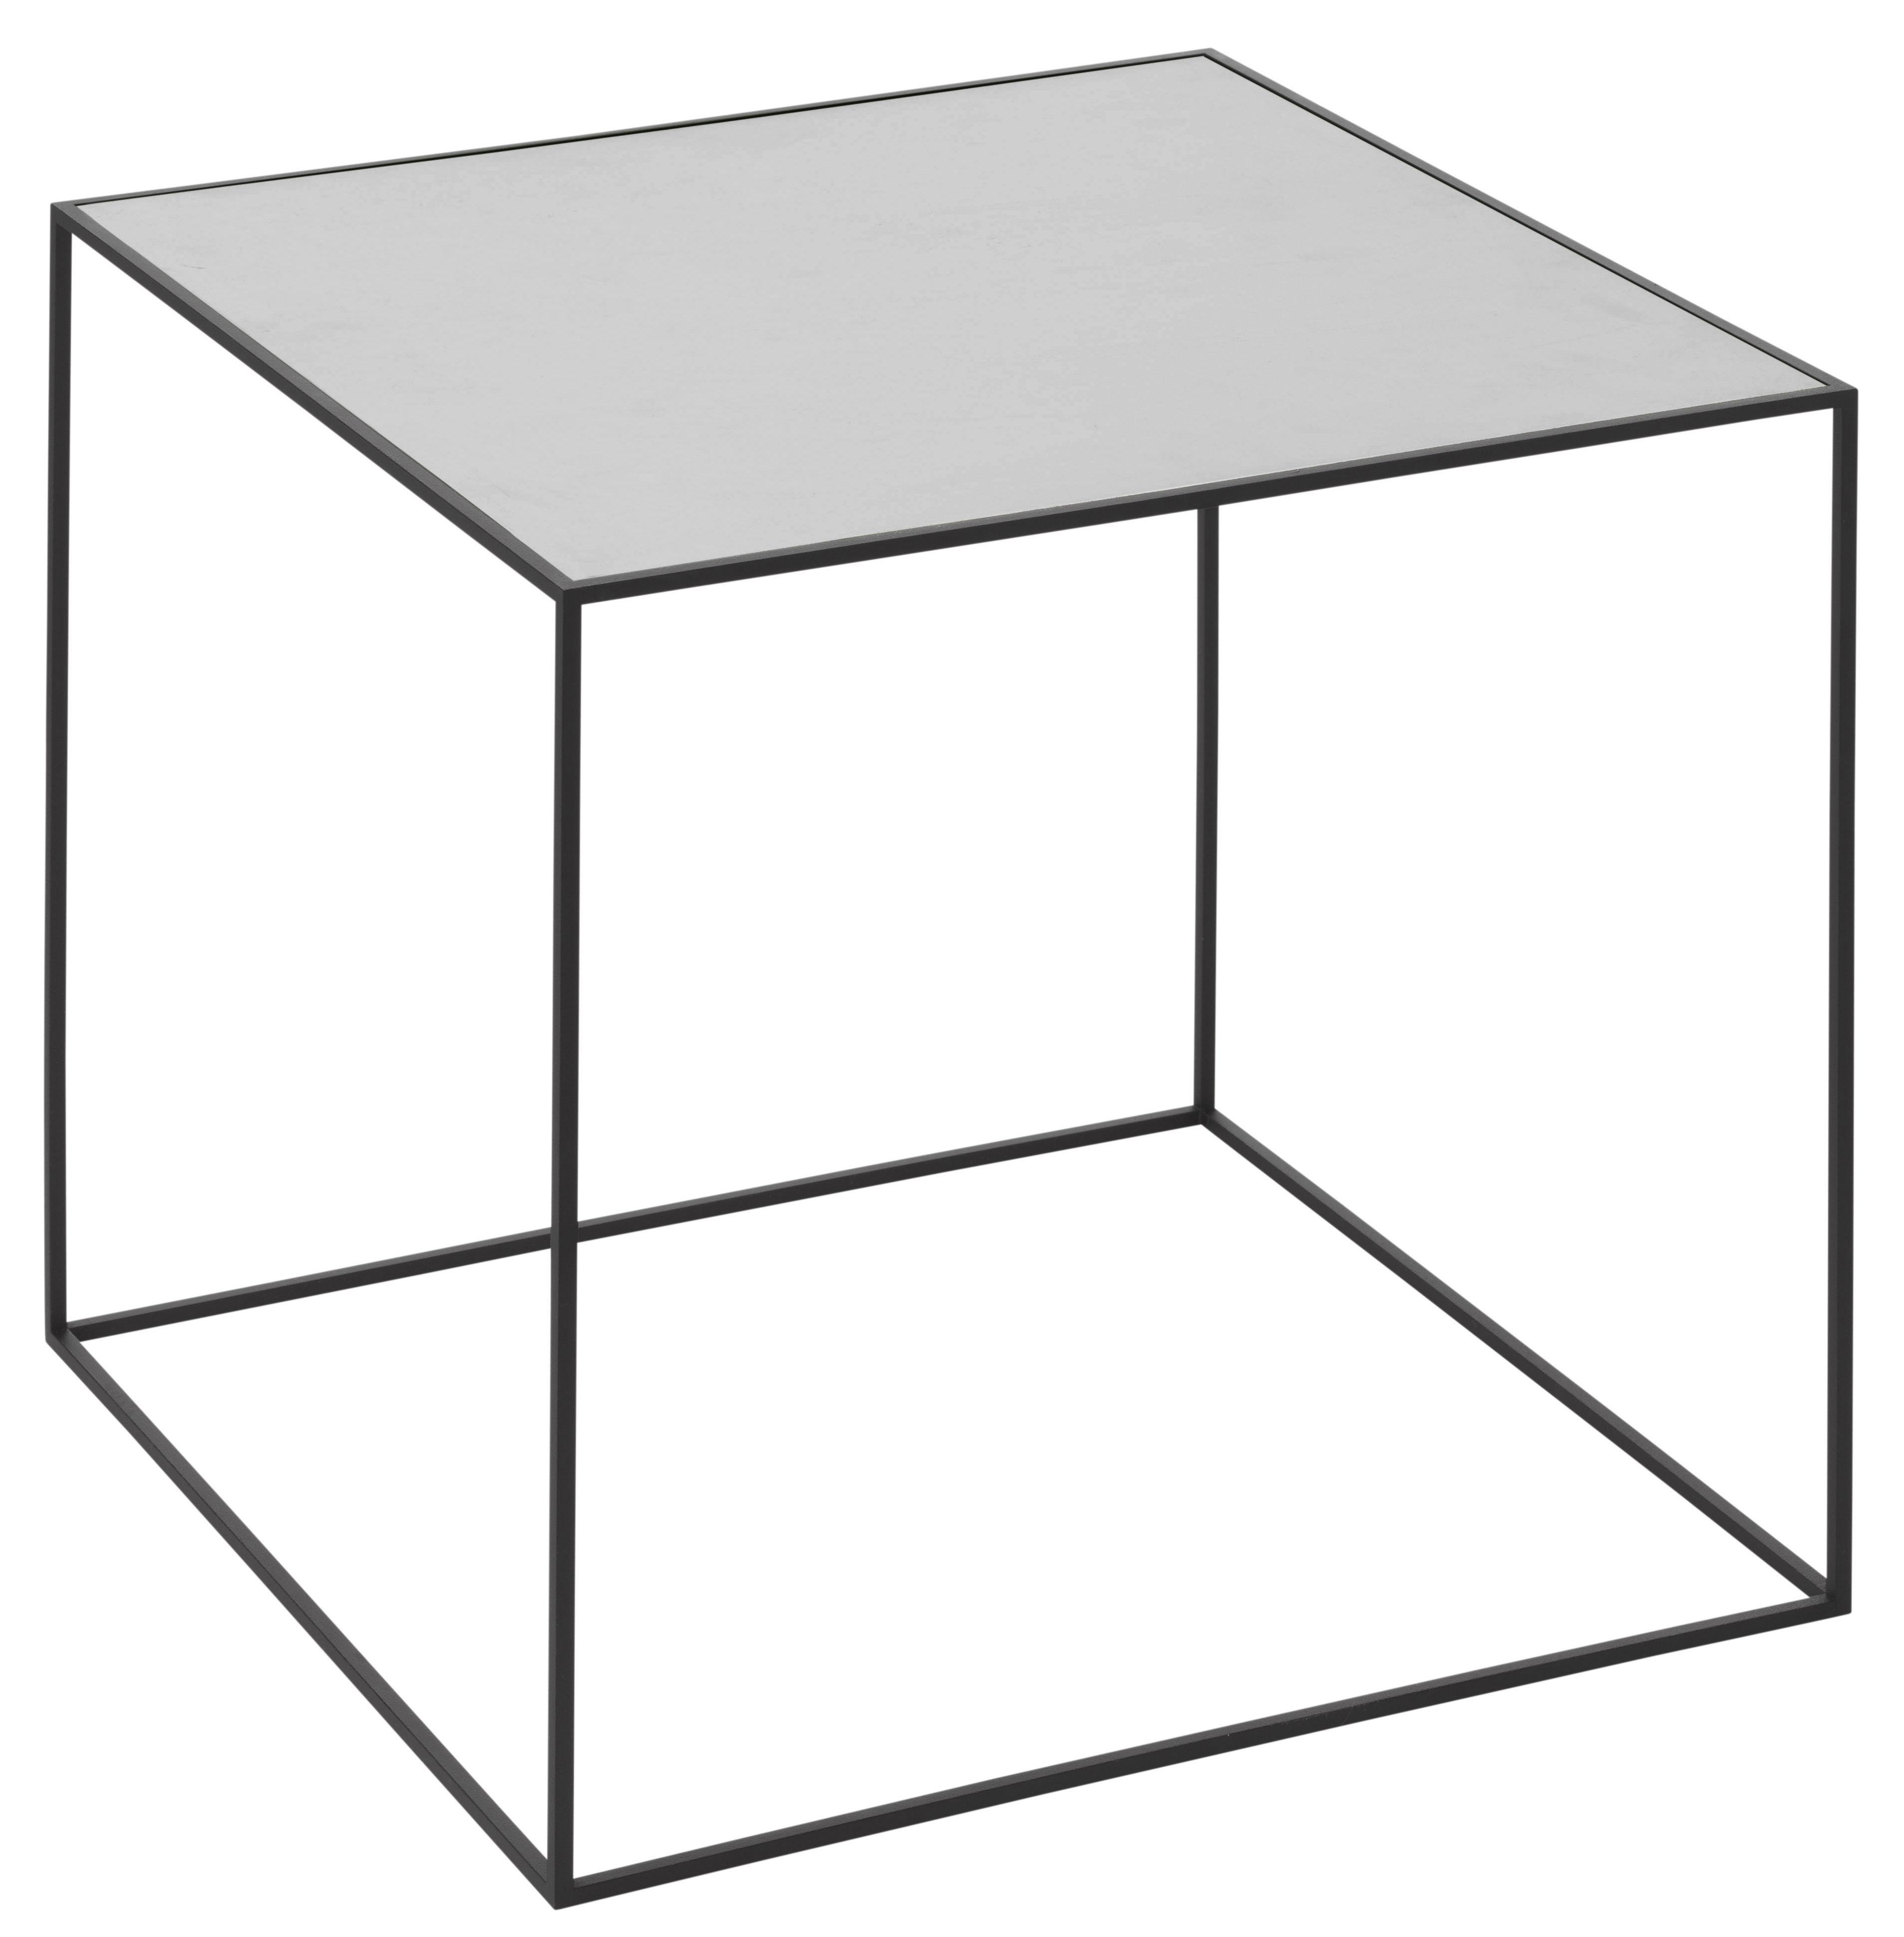 Mobilier - Tables basses - Table d'appoint Twin / L 42 x H 42 cm - Plateau réversible - by Lassen - L 42 cm /  1 face grise + 1 face noire - Acier laqué, Frêne teinté, Mélamine